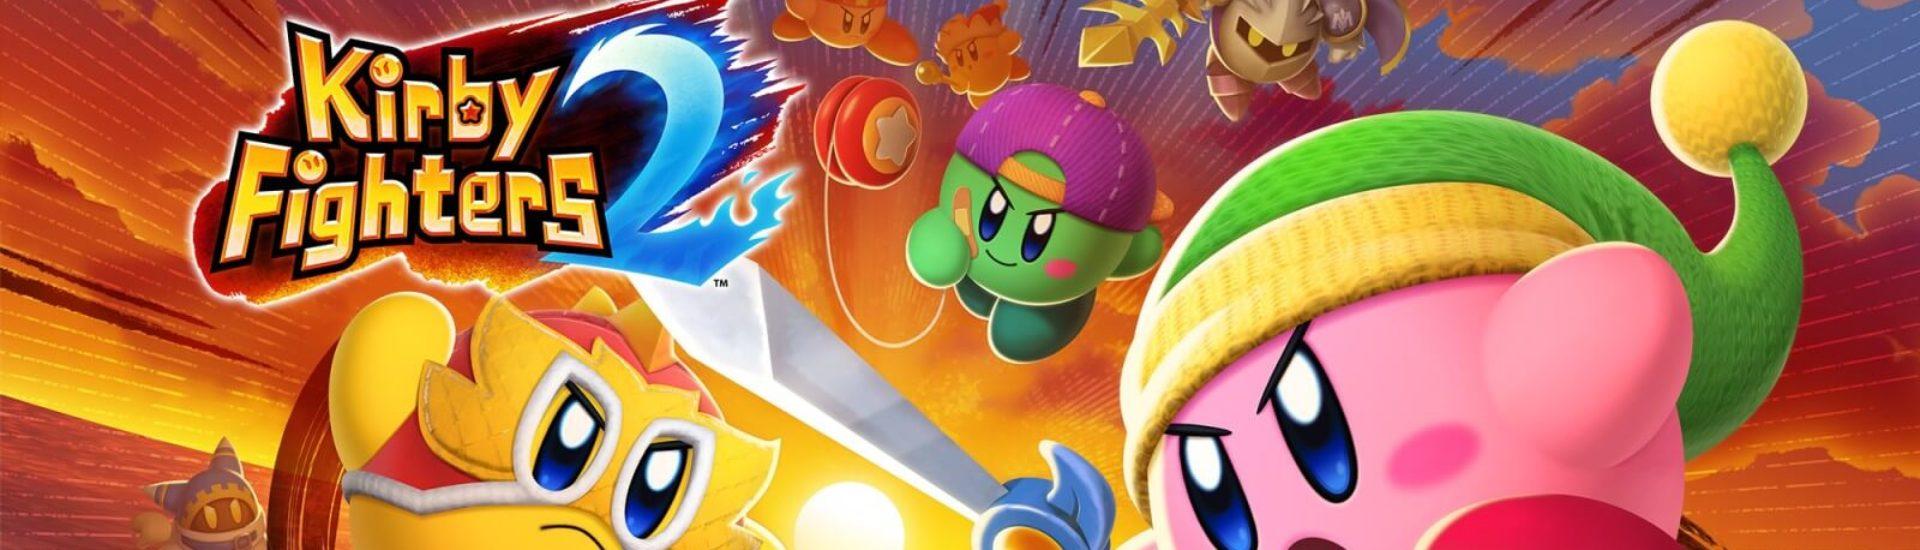 Ohne Ankündigung: Überraschungstitel für die Nintendo Switch